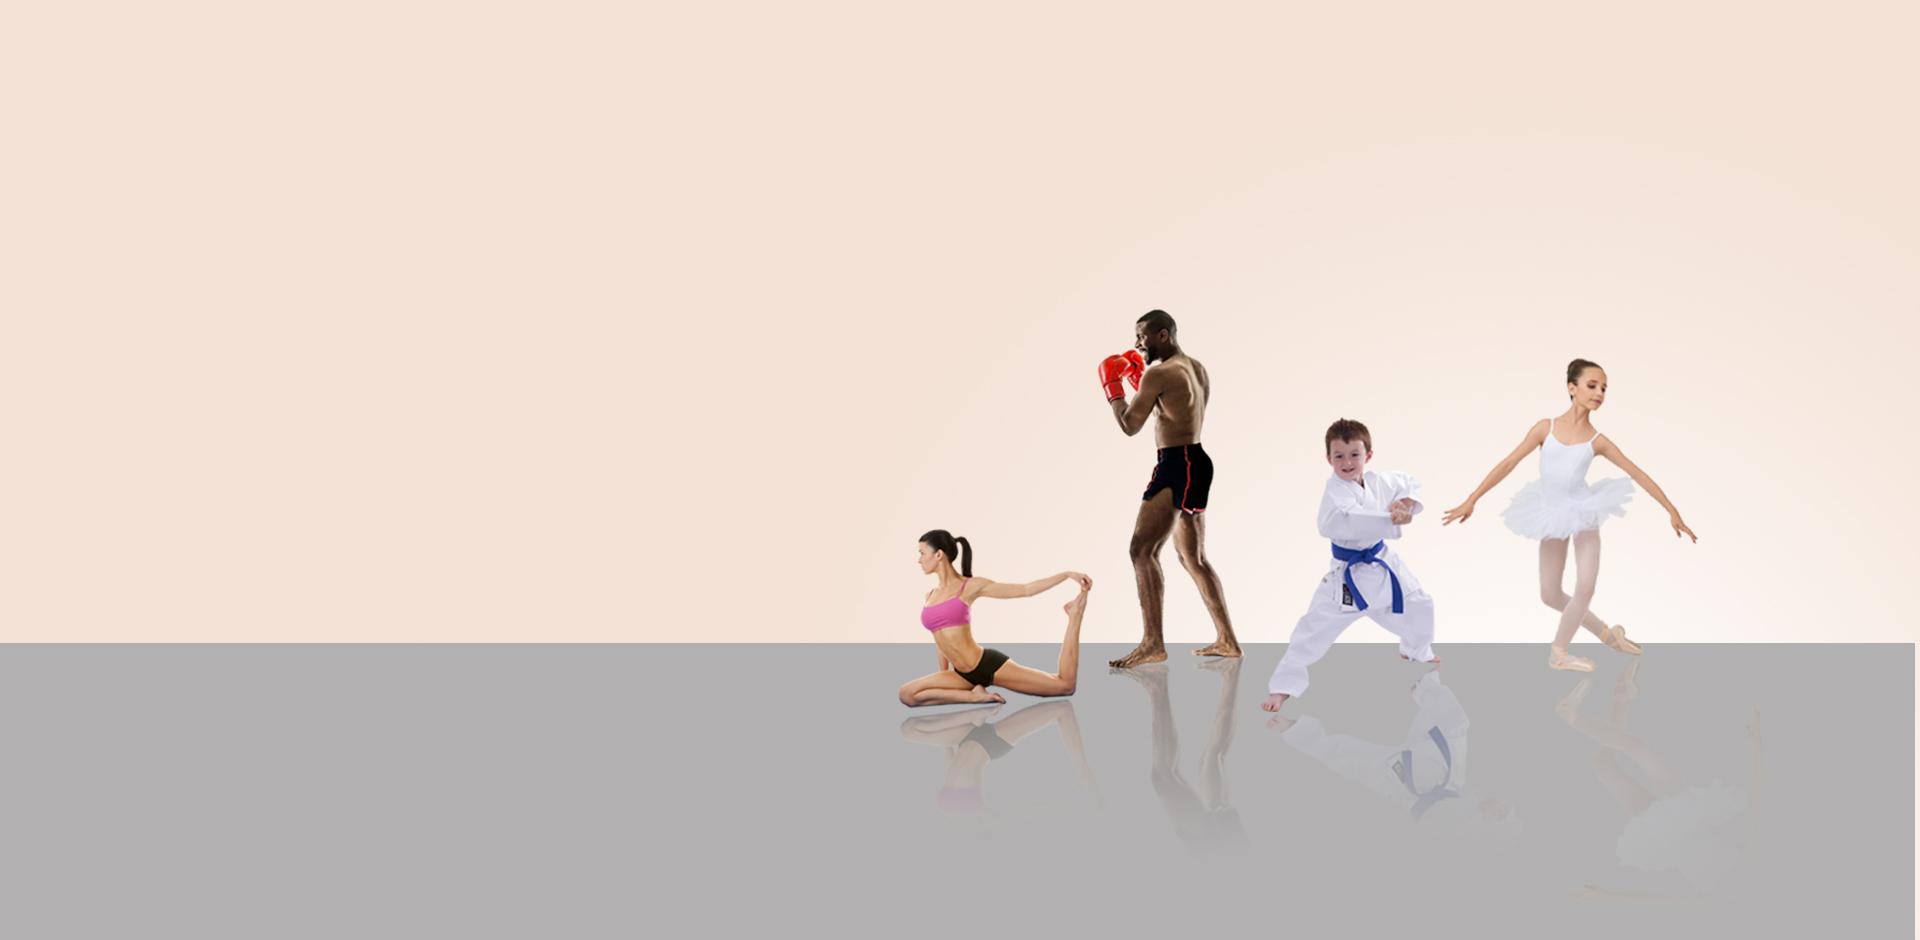 cours_arts_martiaux_danse_bien_etre_desktop